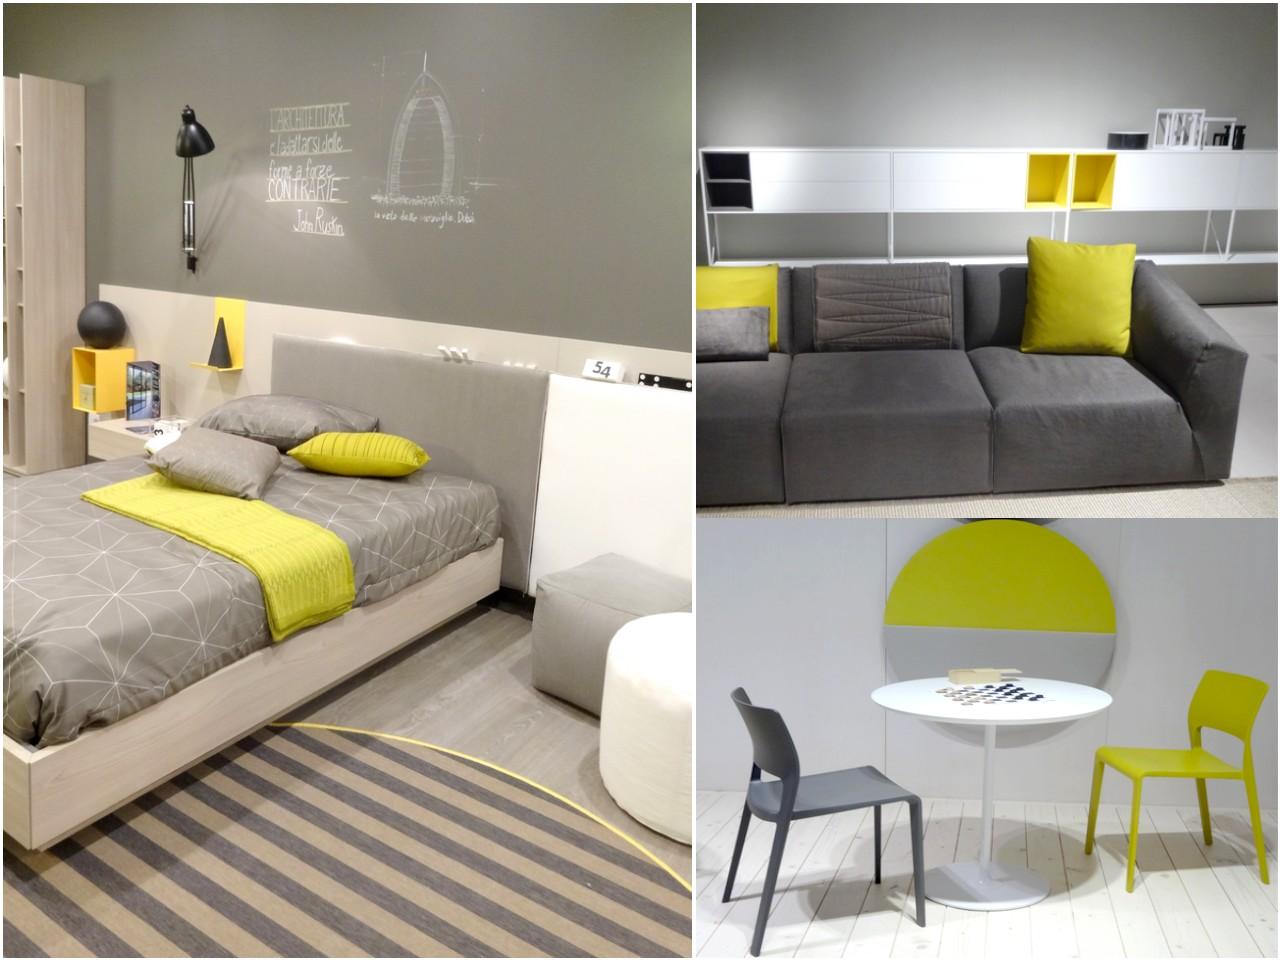 Nuevas tendencias en decoracion de interiores excellent - Decorados de interiores ...